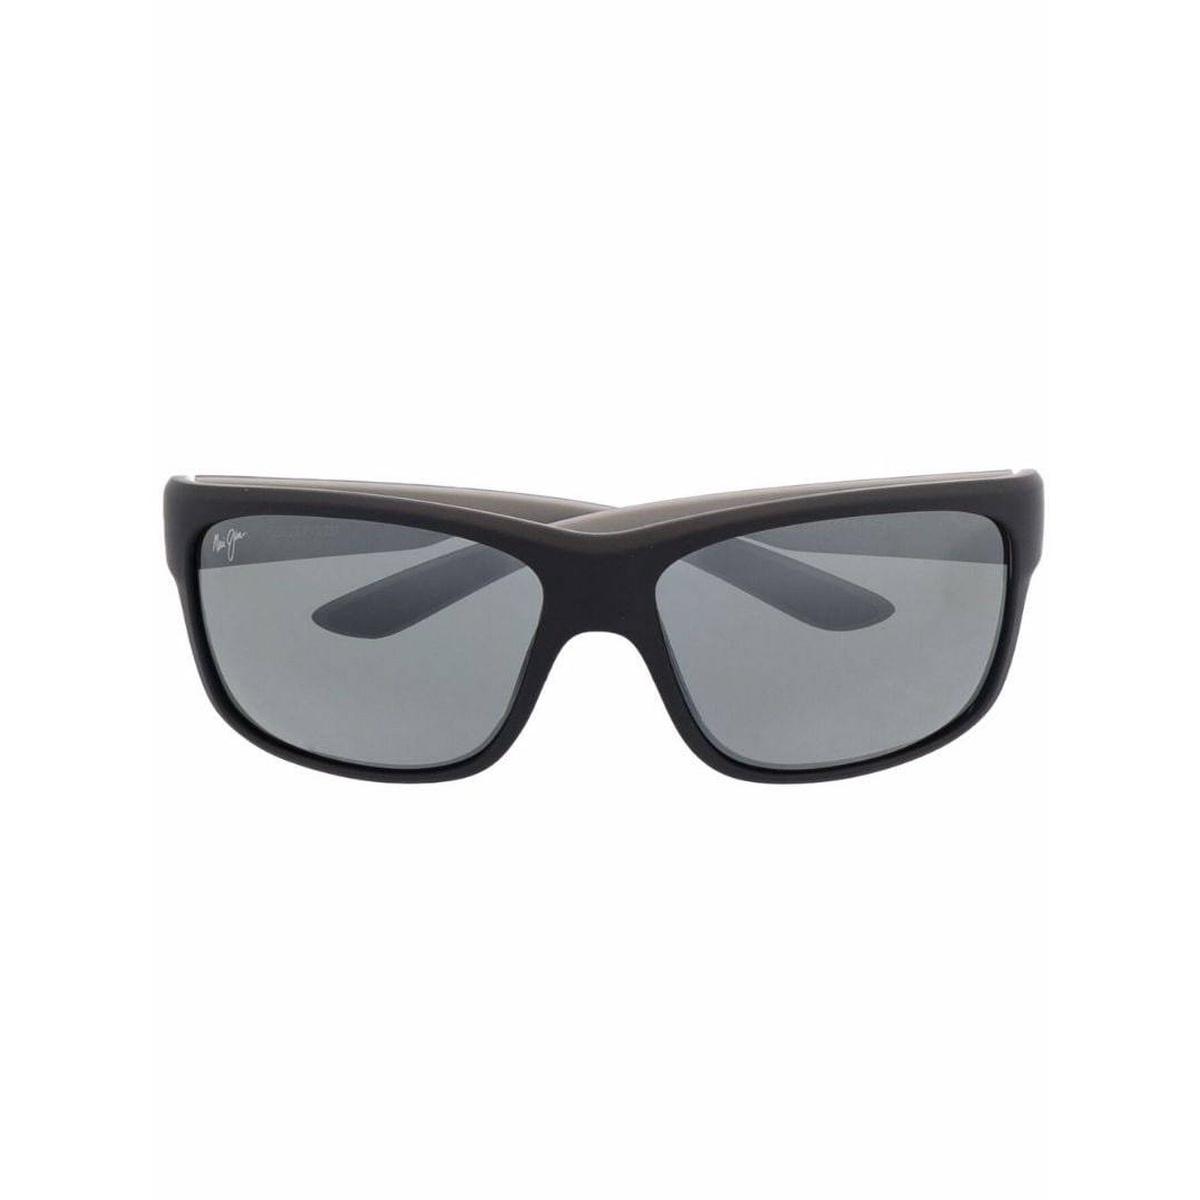 代购Maui Jim Southern Cross 长方形框太阳眼镜女2021新款奢侈品